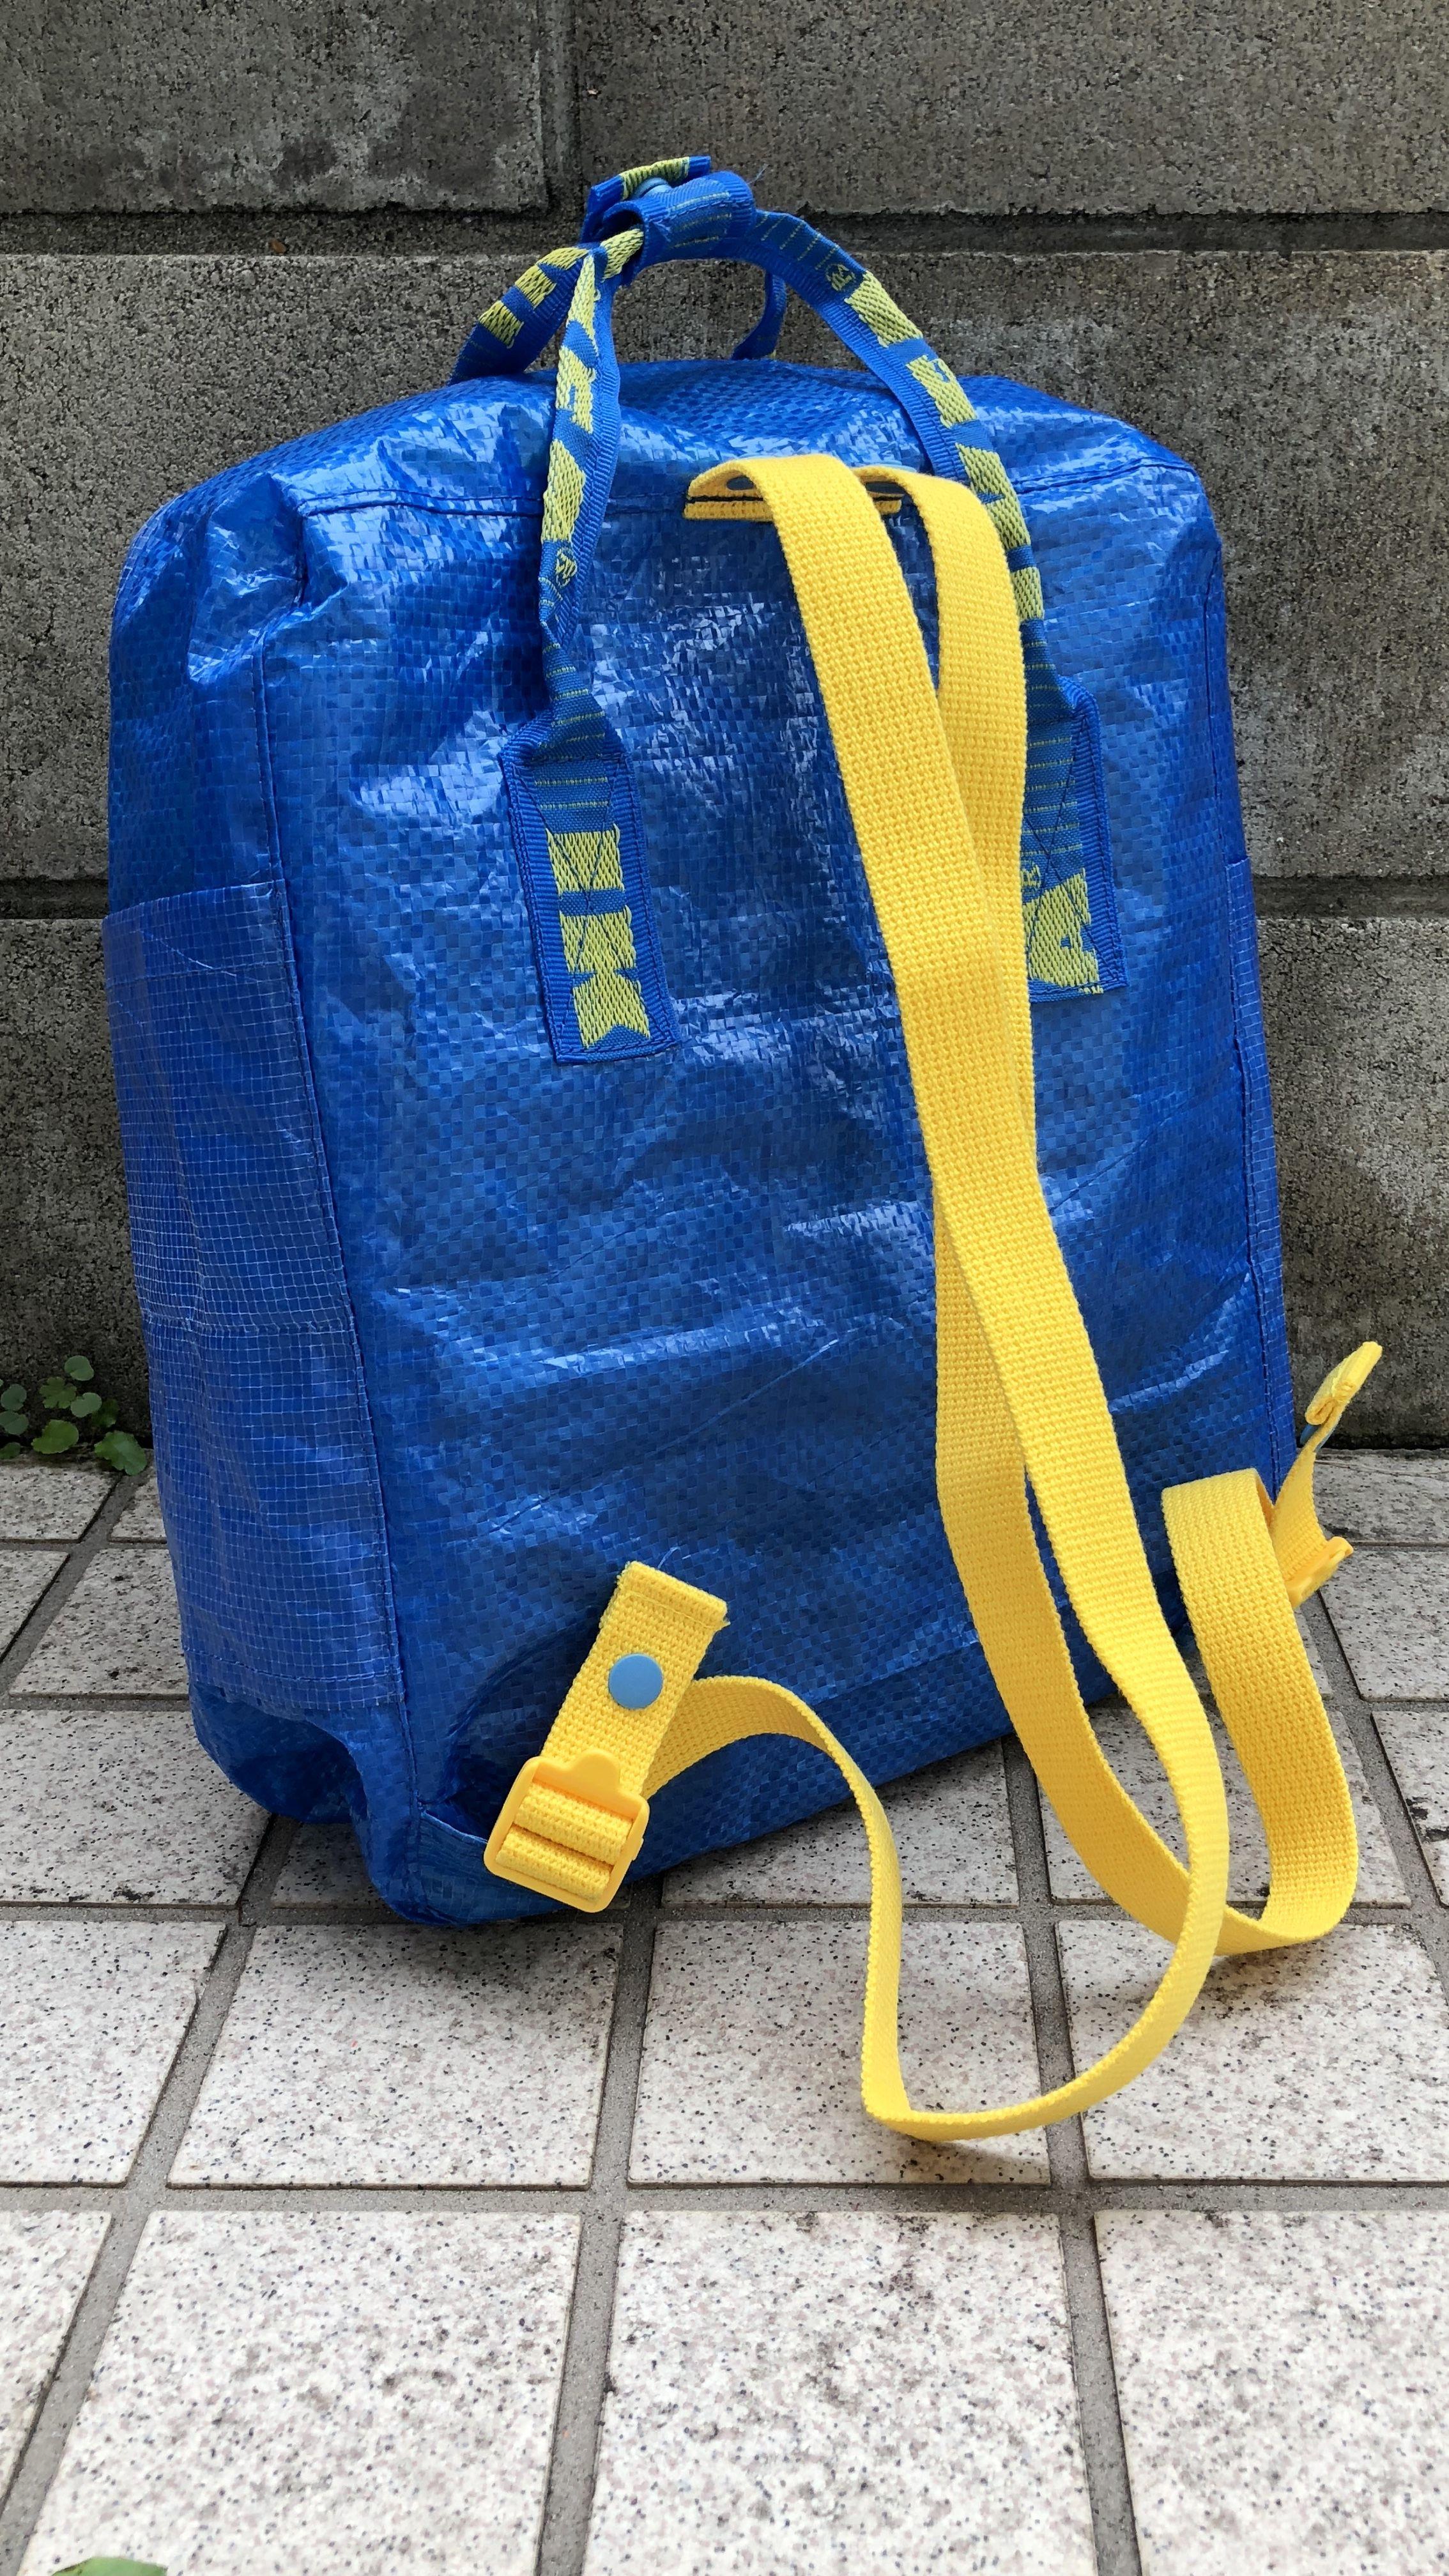 Ikea Backpack Kanken Backpack Knockoff Verypurpleperson In 2020 Diy Backpack Pattern Upcycled Bag Kanken Backpack